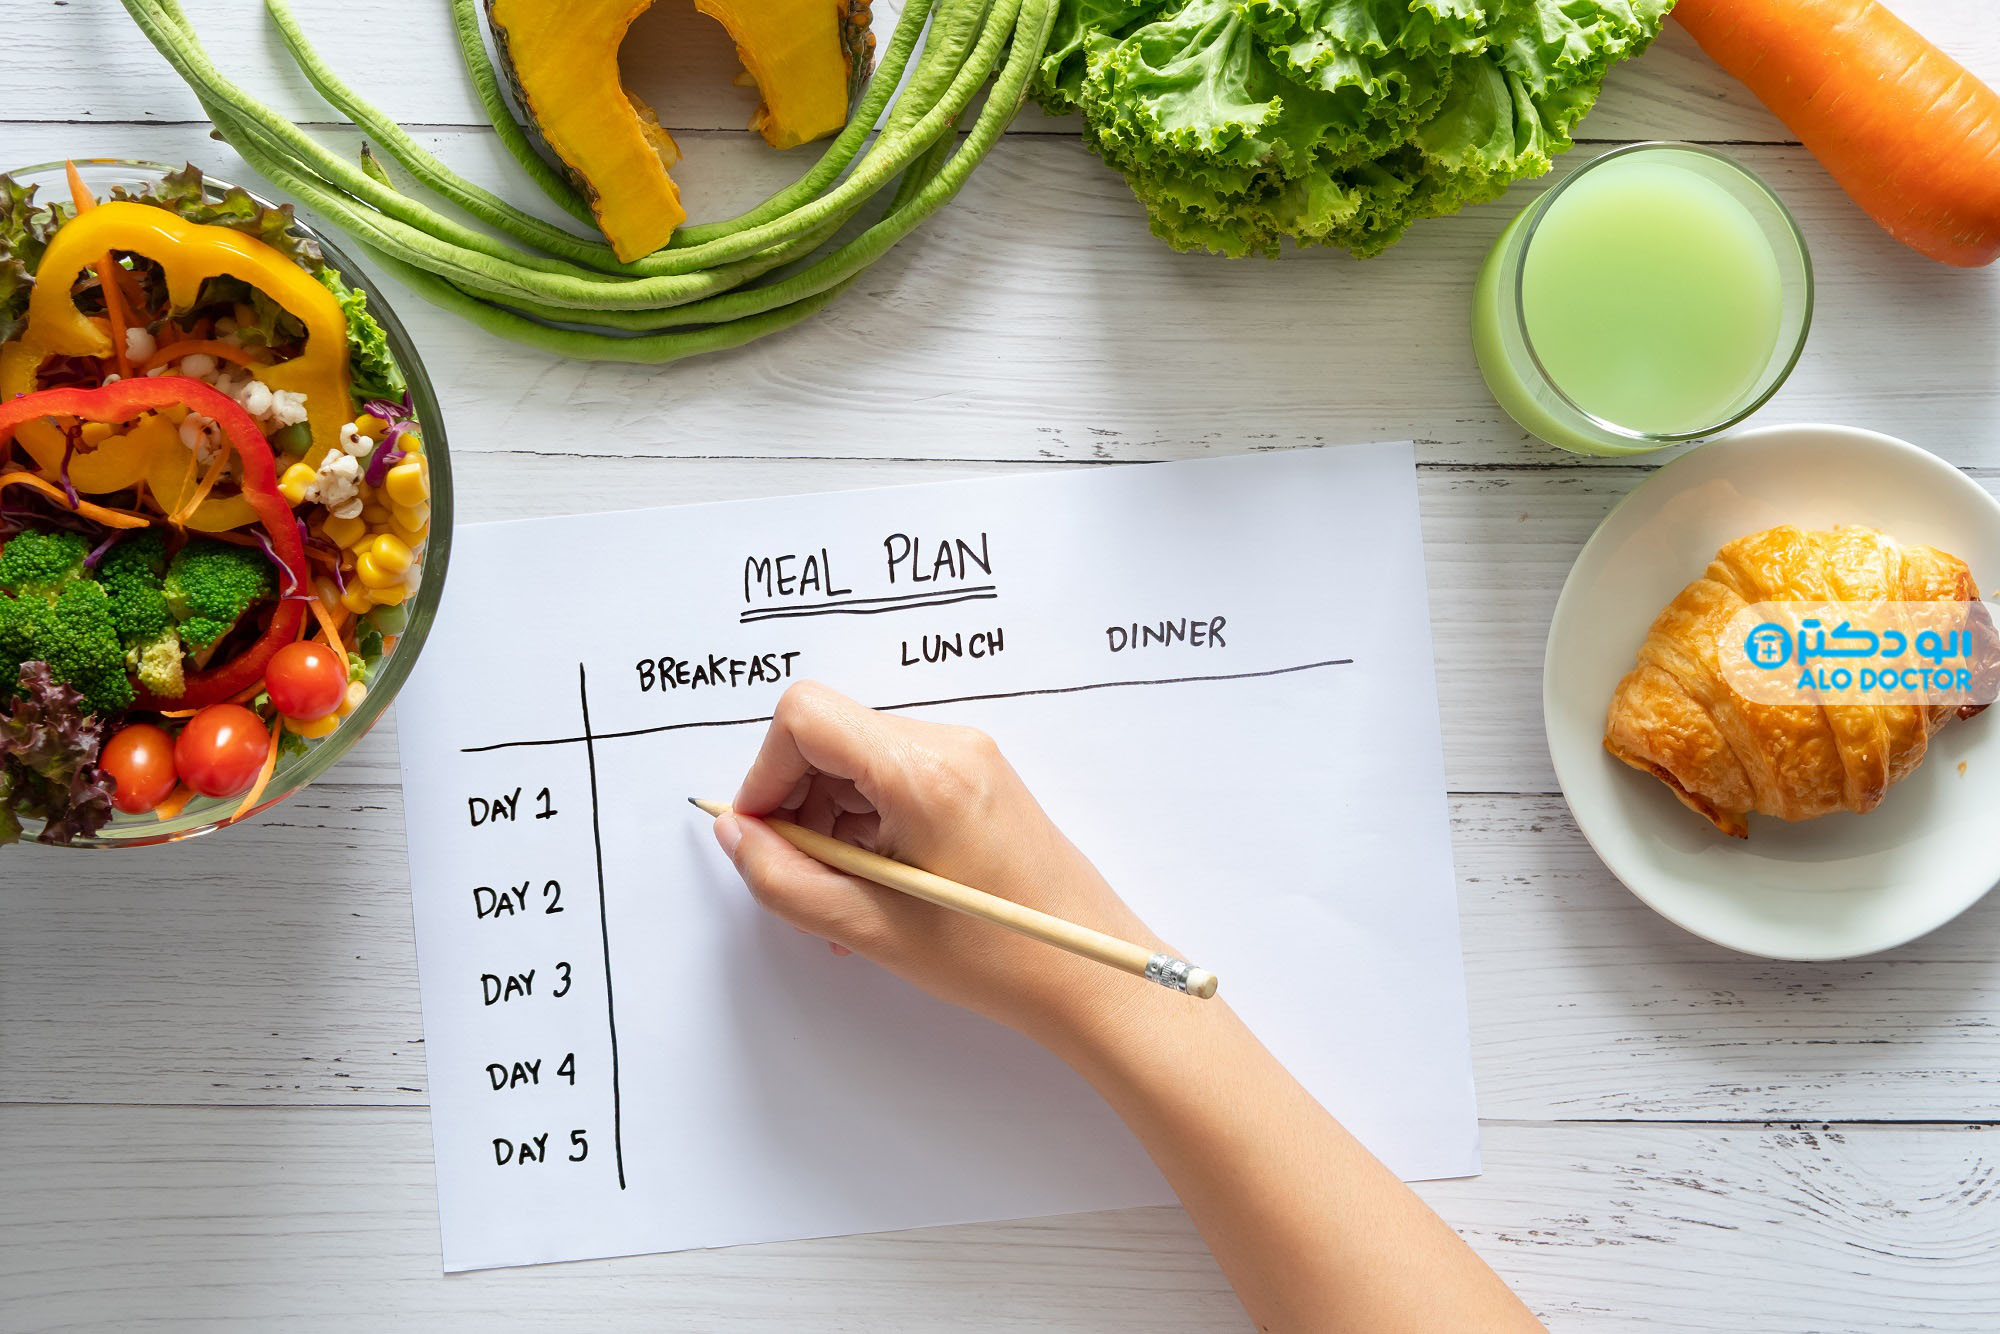 کاهش وزن با این 5 ماده غذایی سالم